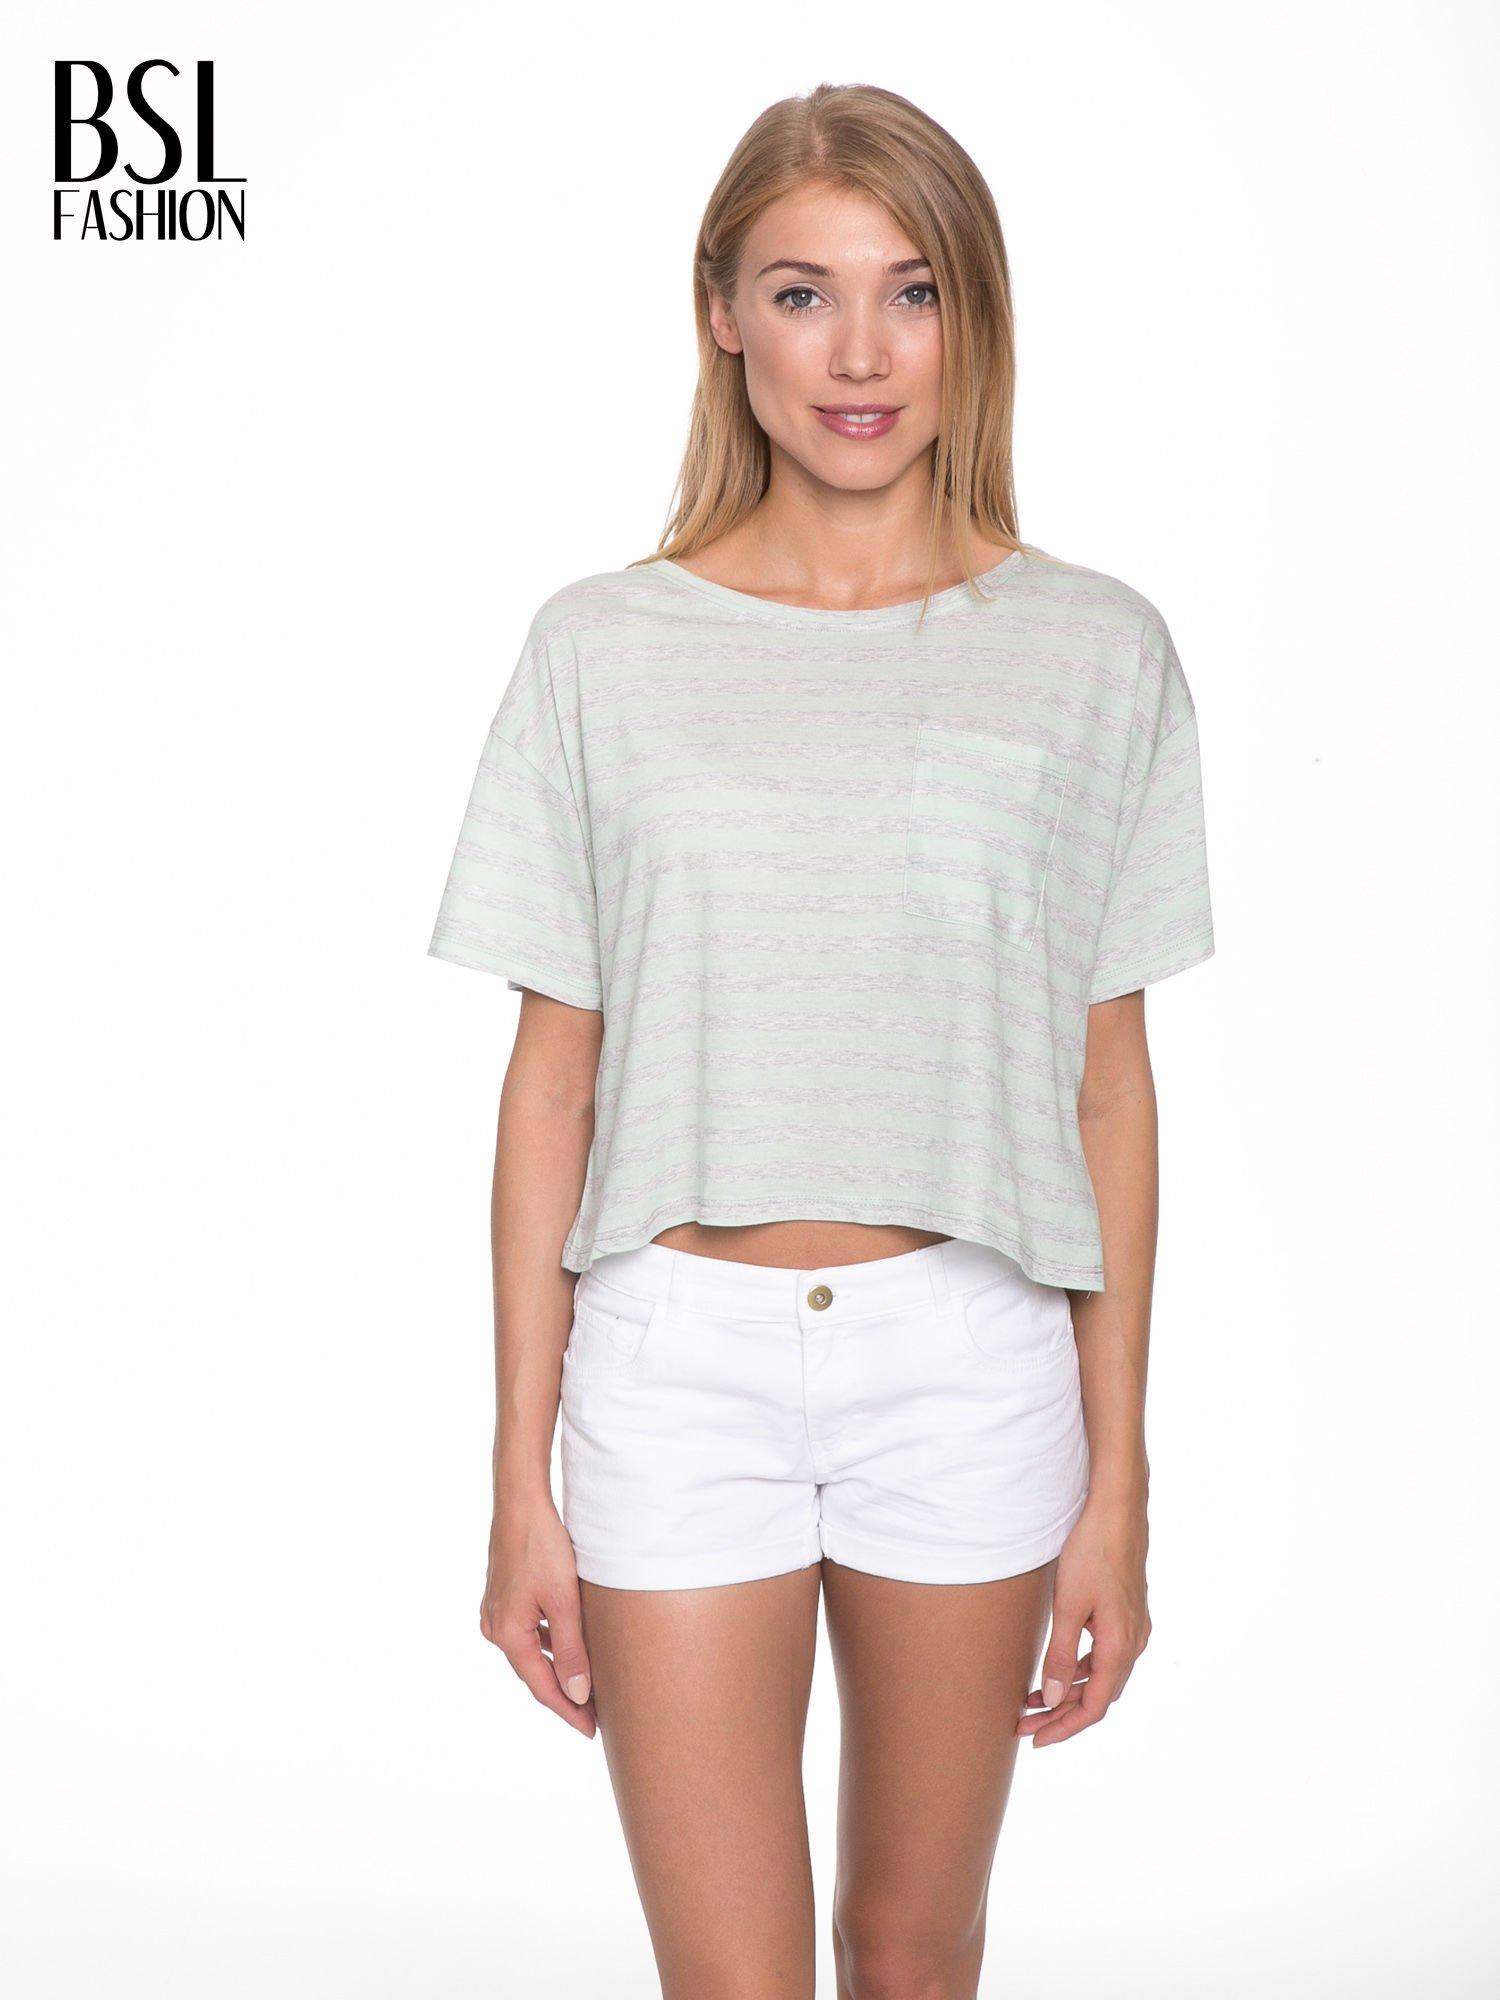 Luźny krótki t-shirt z kieszonką w zielone paski                                  zdj.                                  1